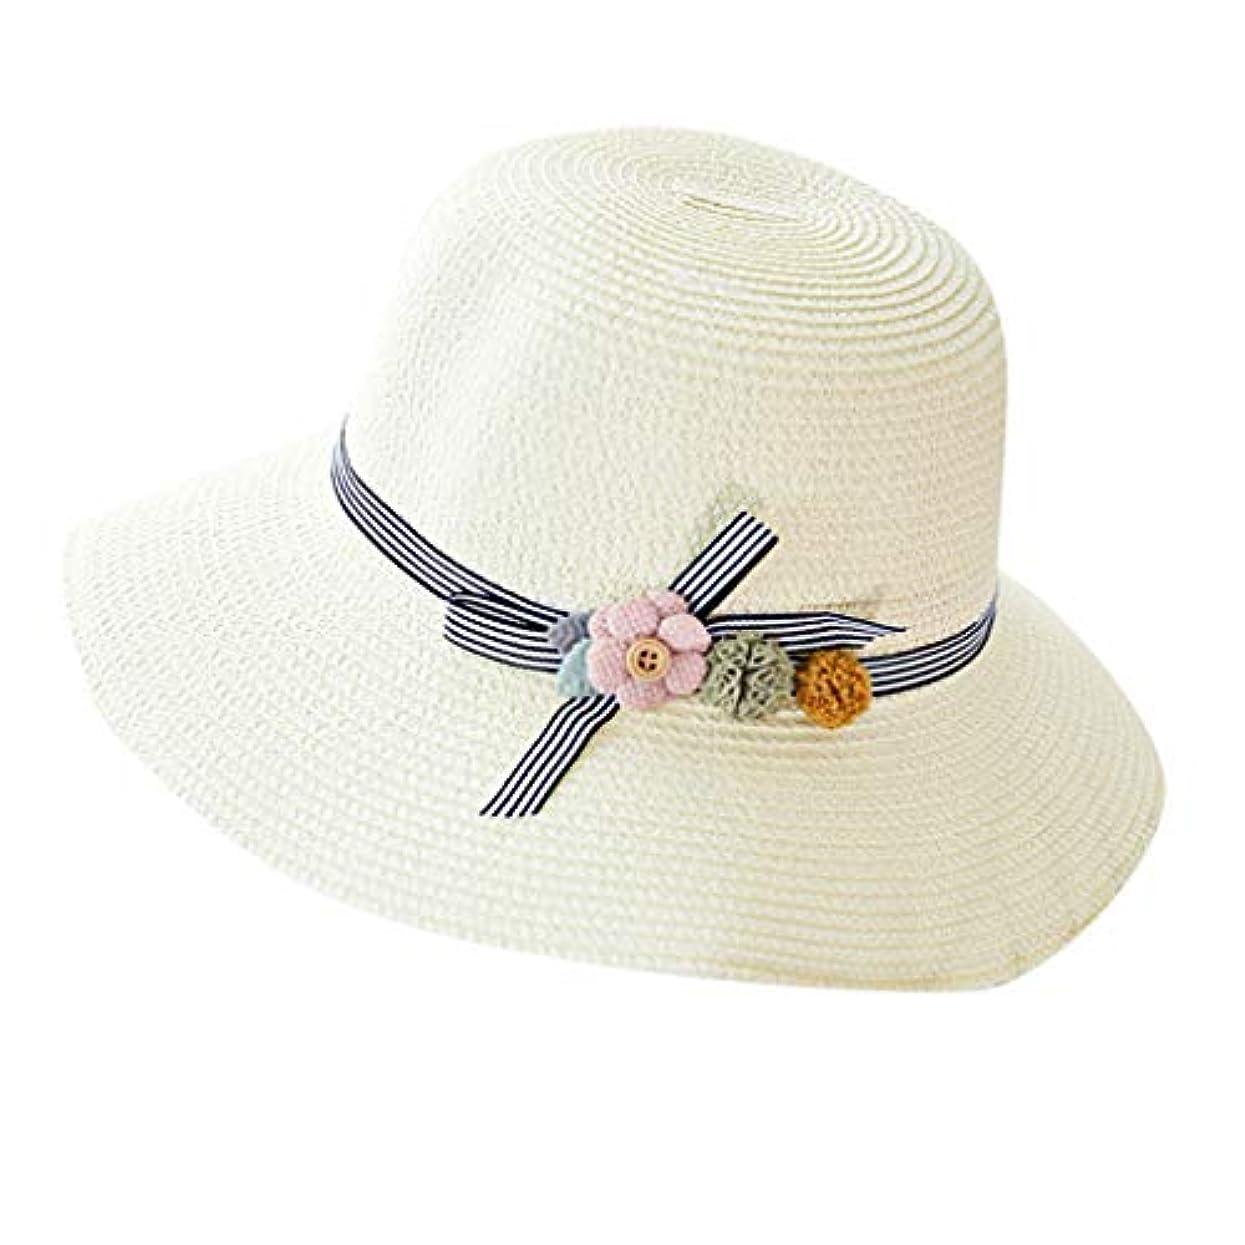 機械バドミントン記者漁師帽 夏 帽子 レディース UVカット 帽子 ハット レディース 紫外線対策 日焼け防止 つば広 日焼け 旅行用 日よけ 夏季 折りたたみ 森ガール ビーチ 海辺 帽子 ハット レディース 花 ROSE ROMAN